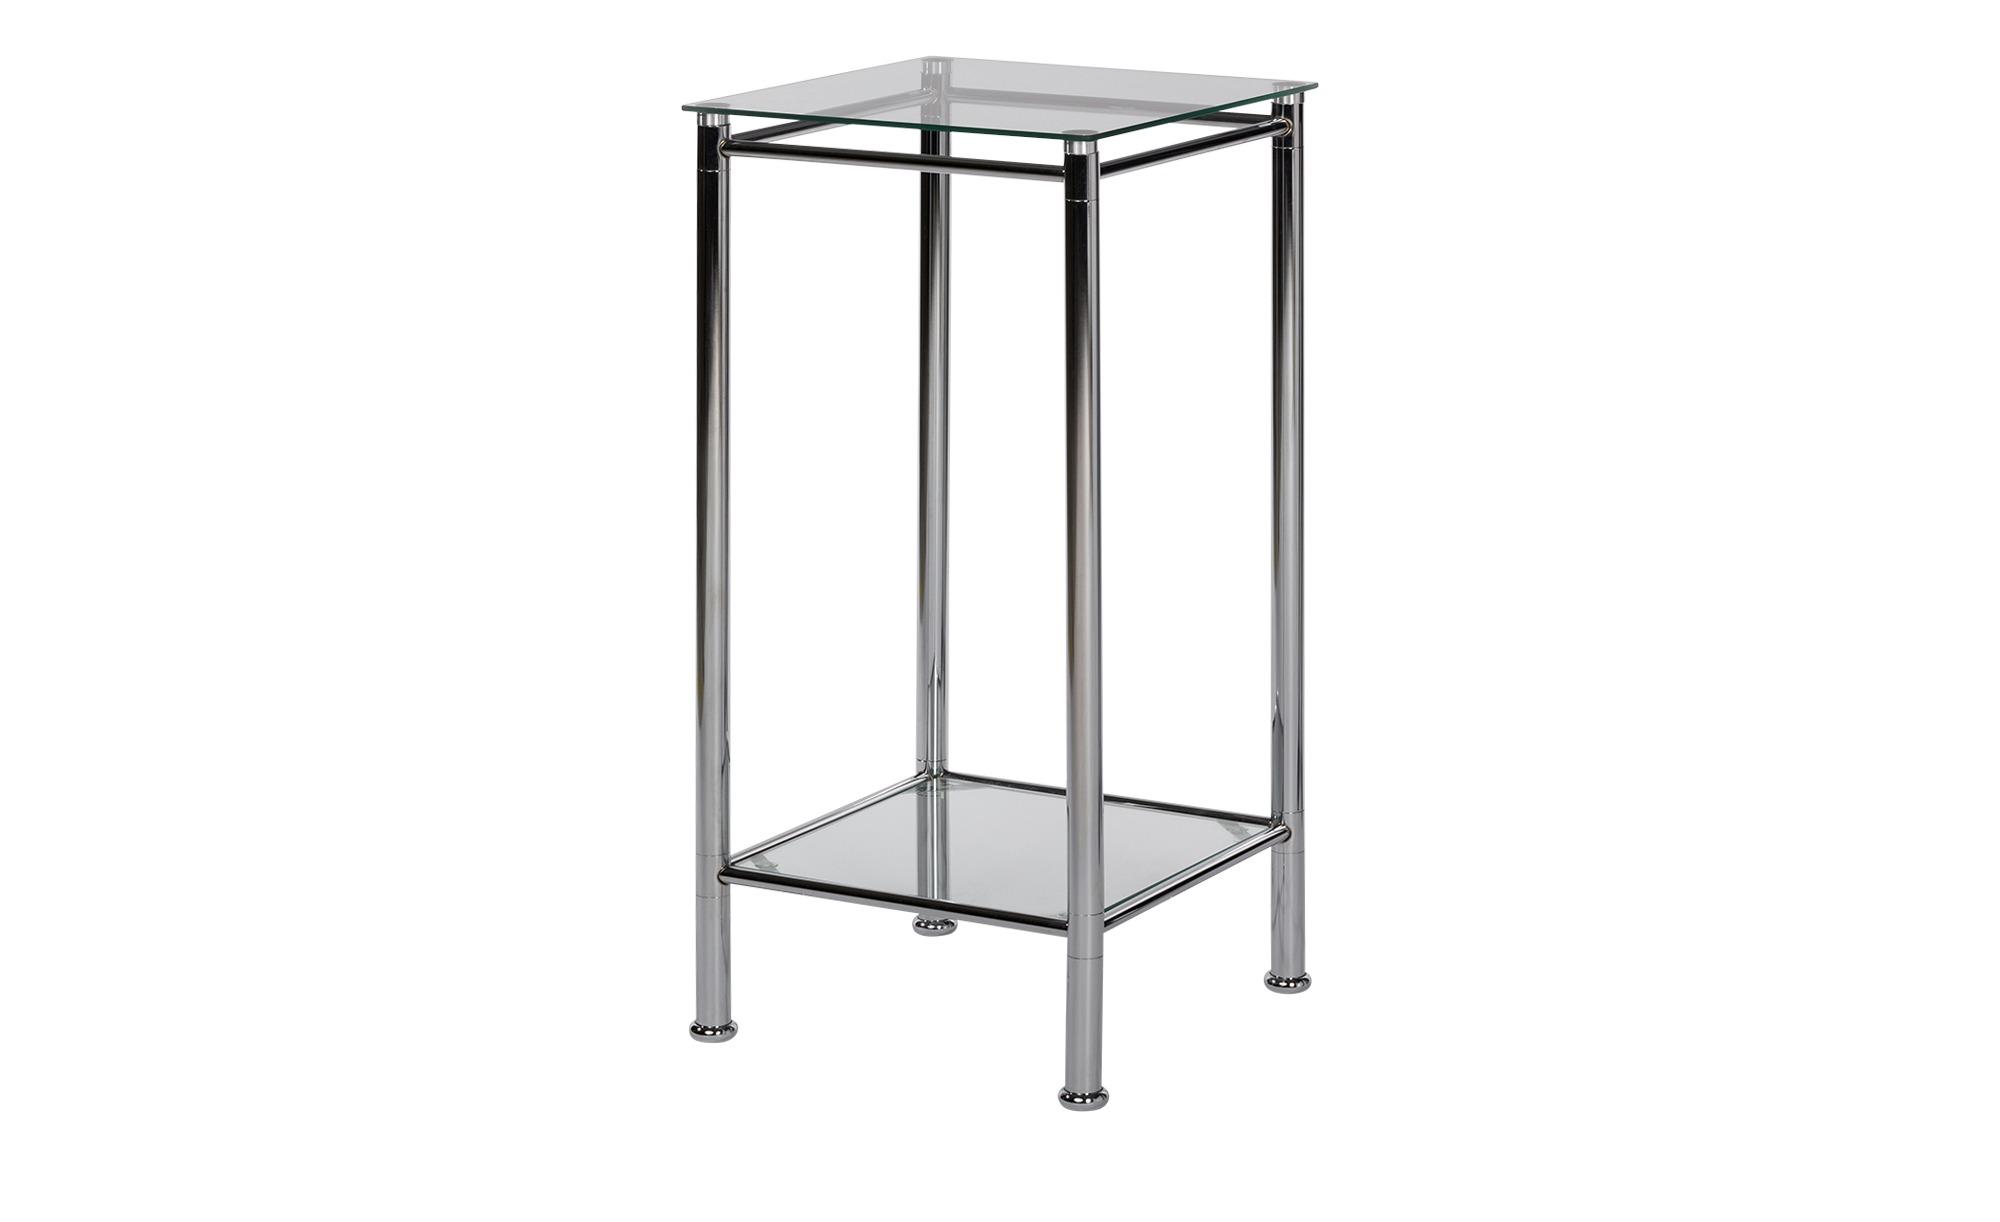 Beistelltisch metall  Beistelltisch Metall Glas, gefunden bei Möbel Kraft